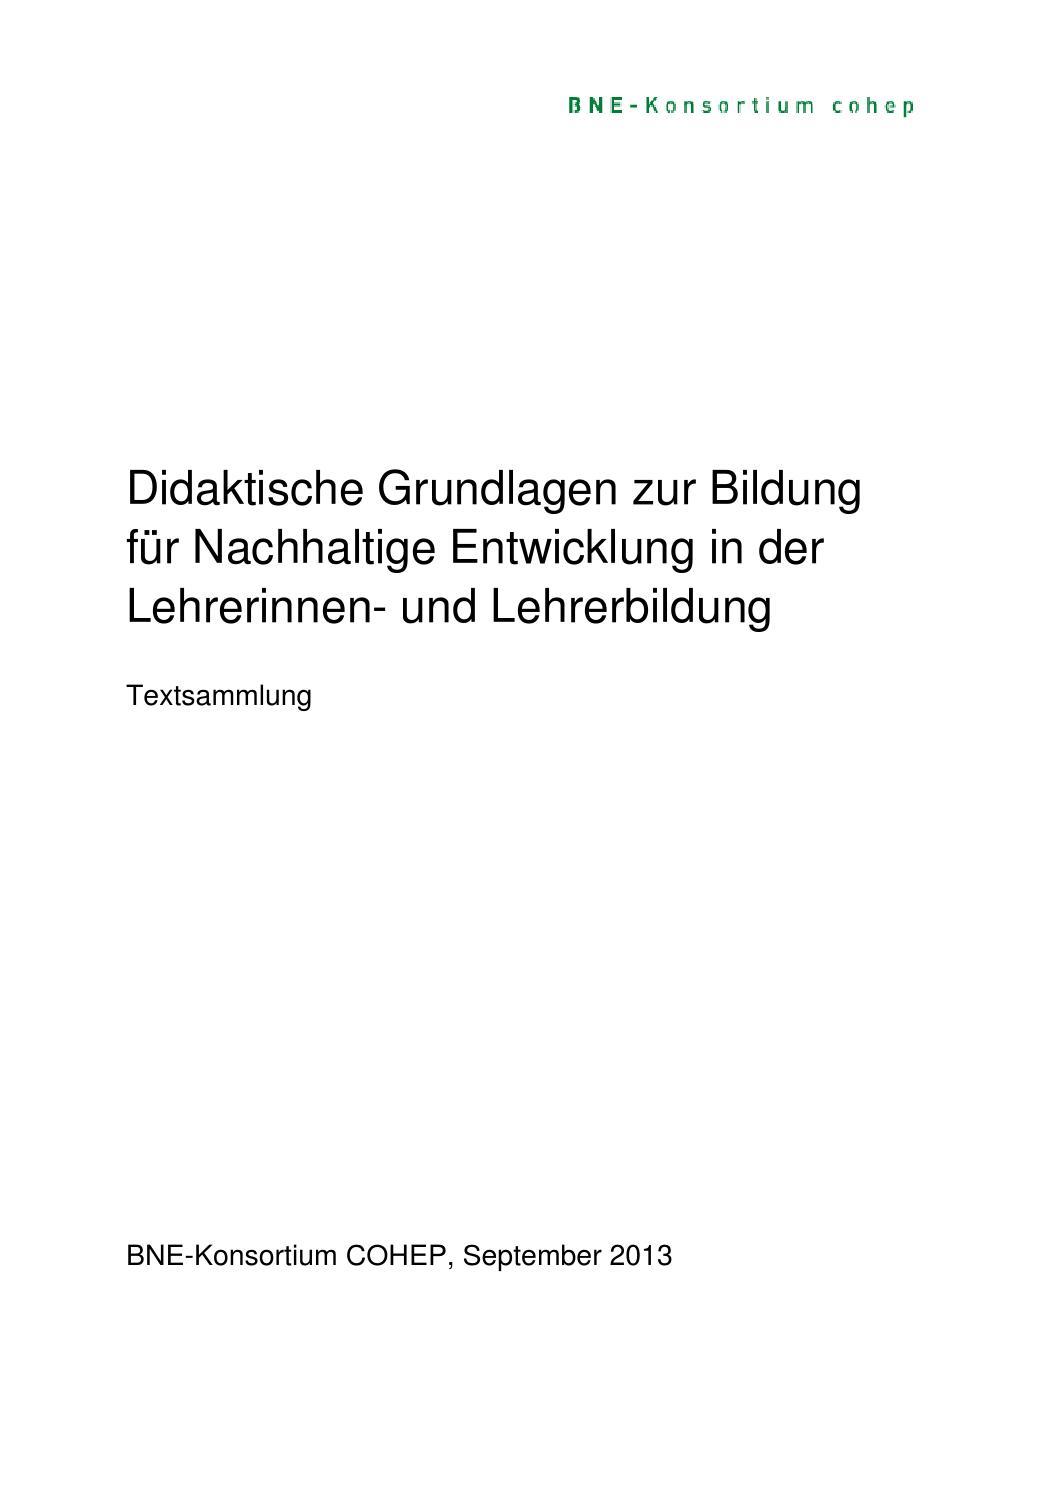 COHEP | Textsammlung der didaktischen Grundlagen BNE by ...